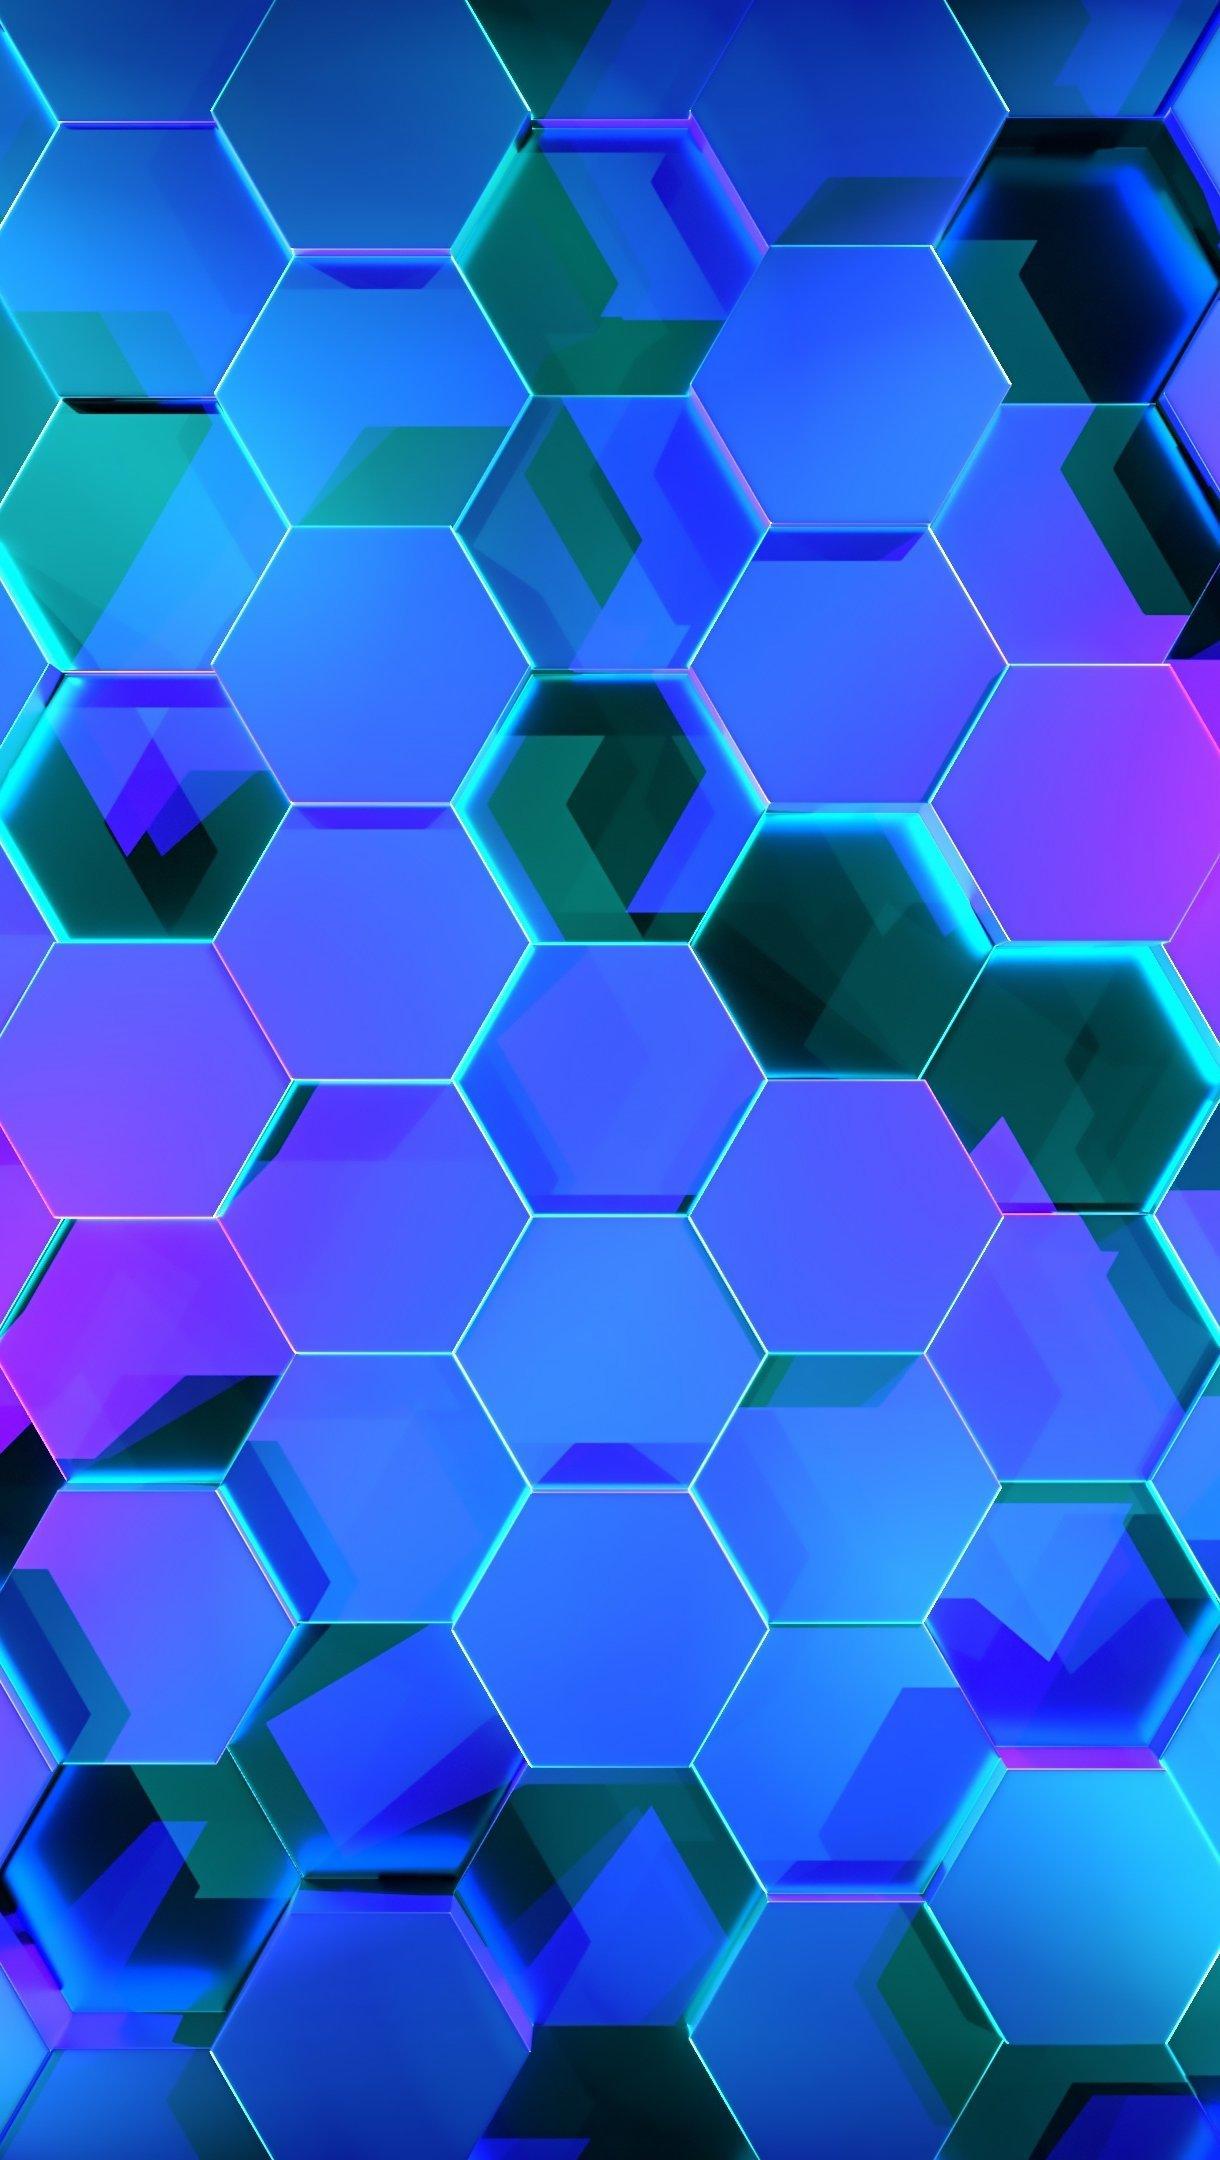 Fondos de pantalla Hexágonos 3D iluminación neón Vertical